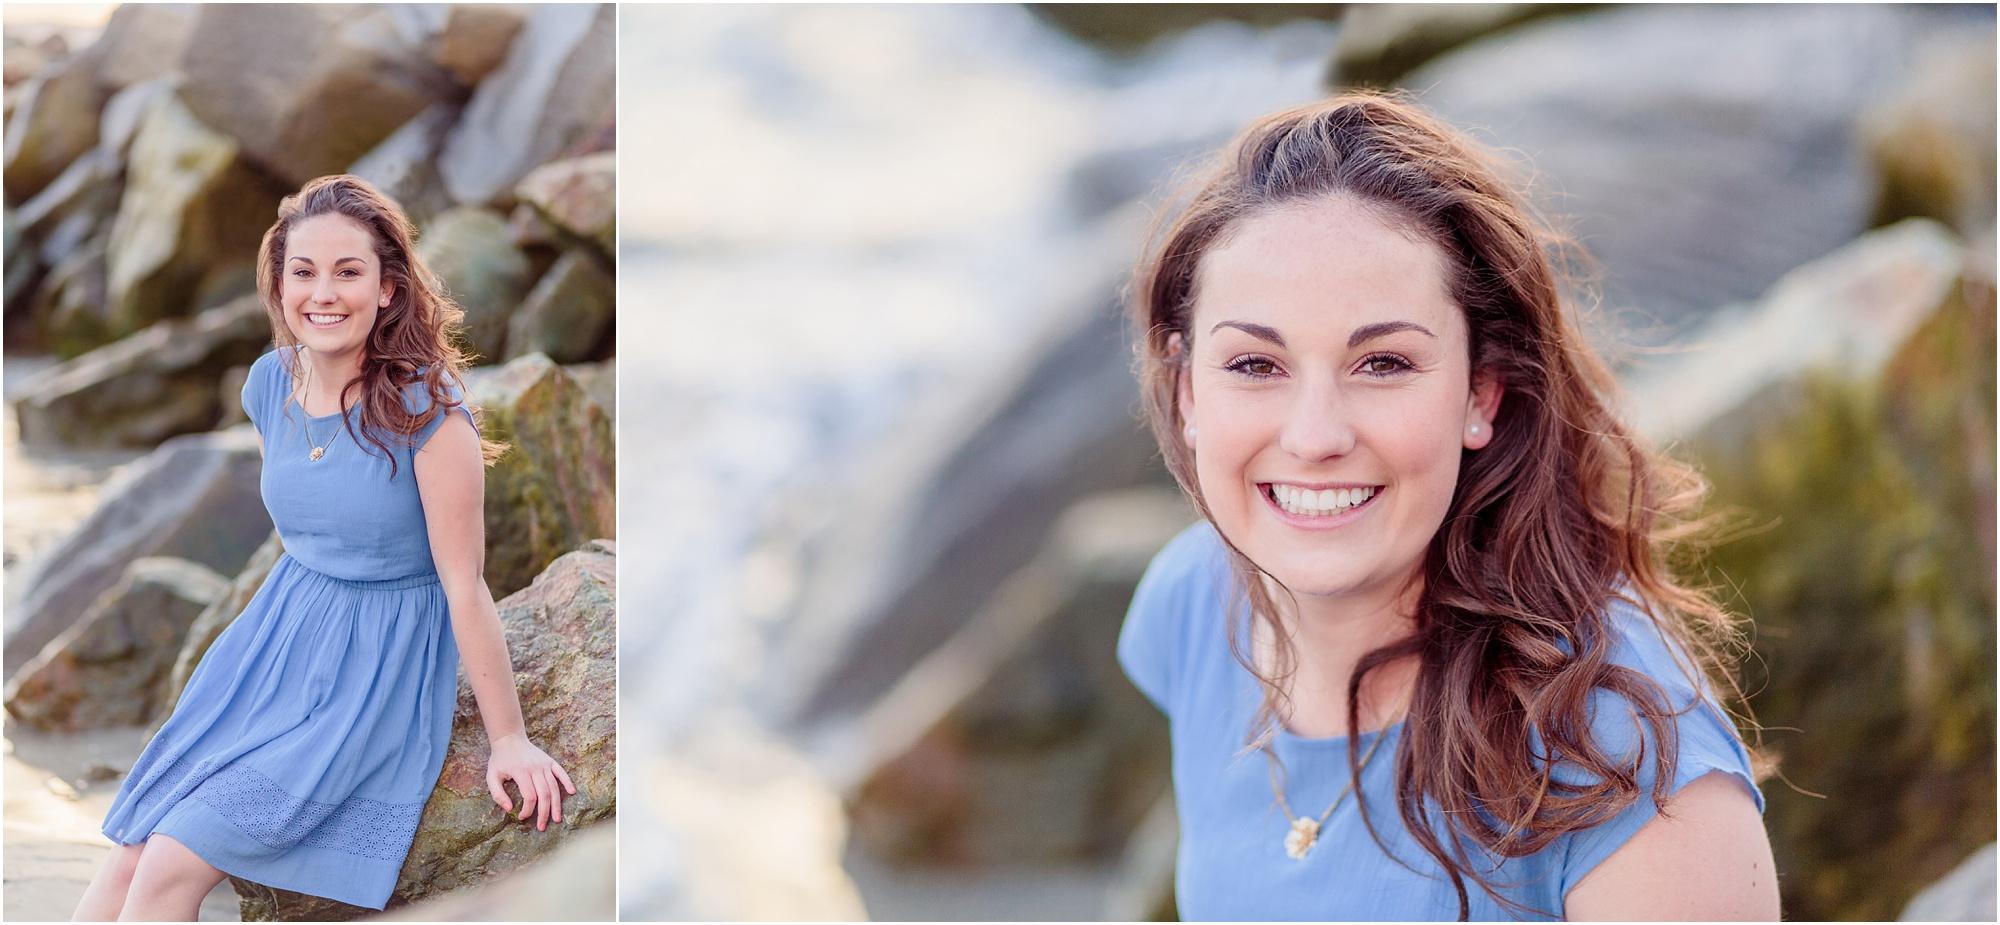 San Diego Beach Photography | Senior Portraits